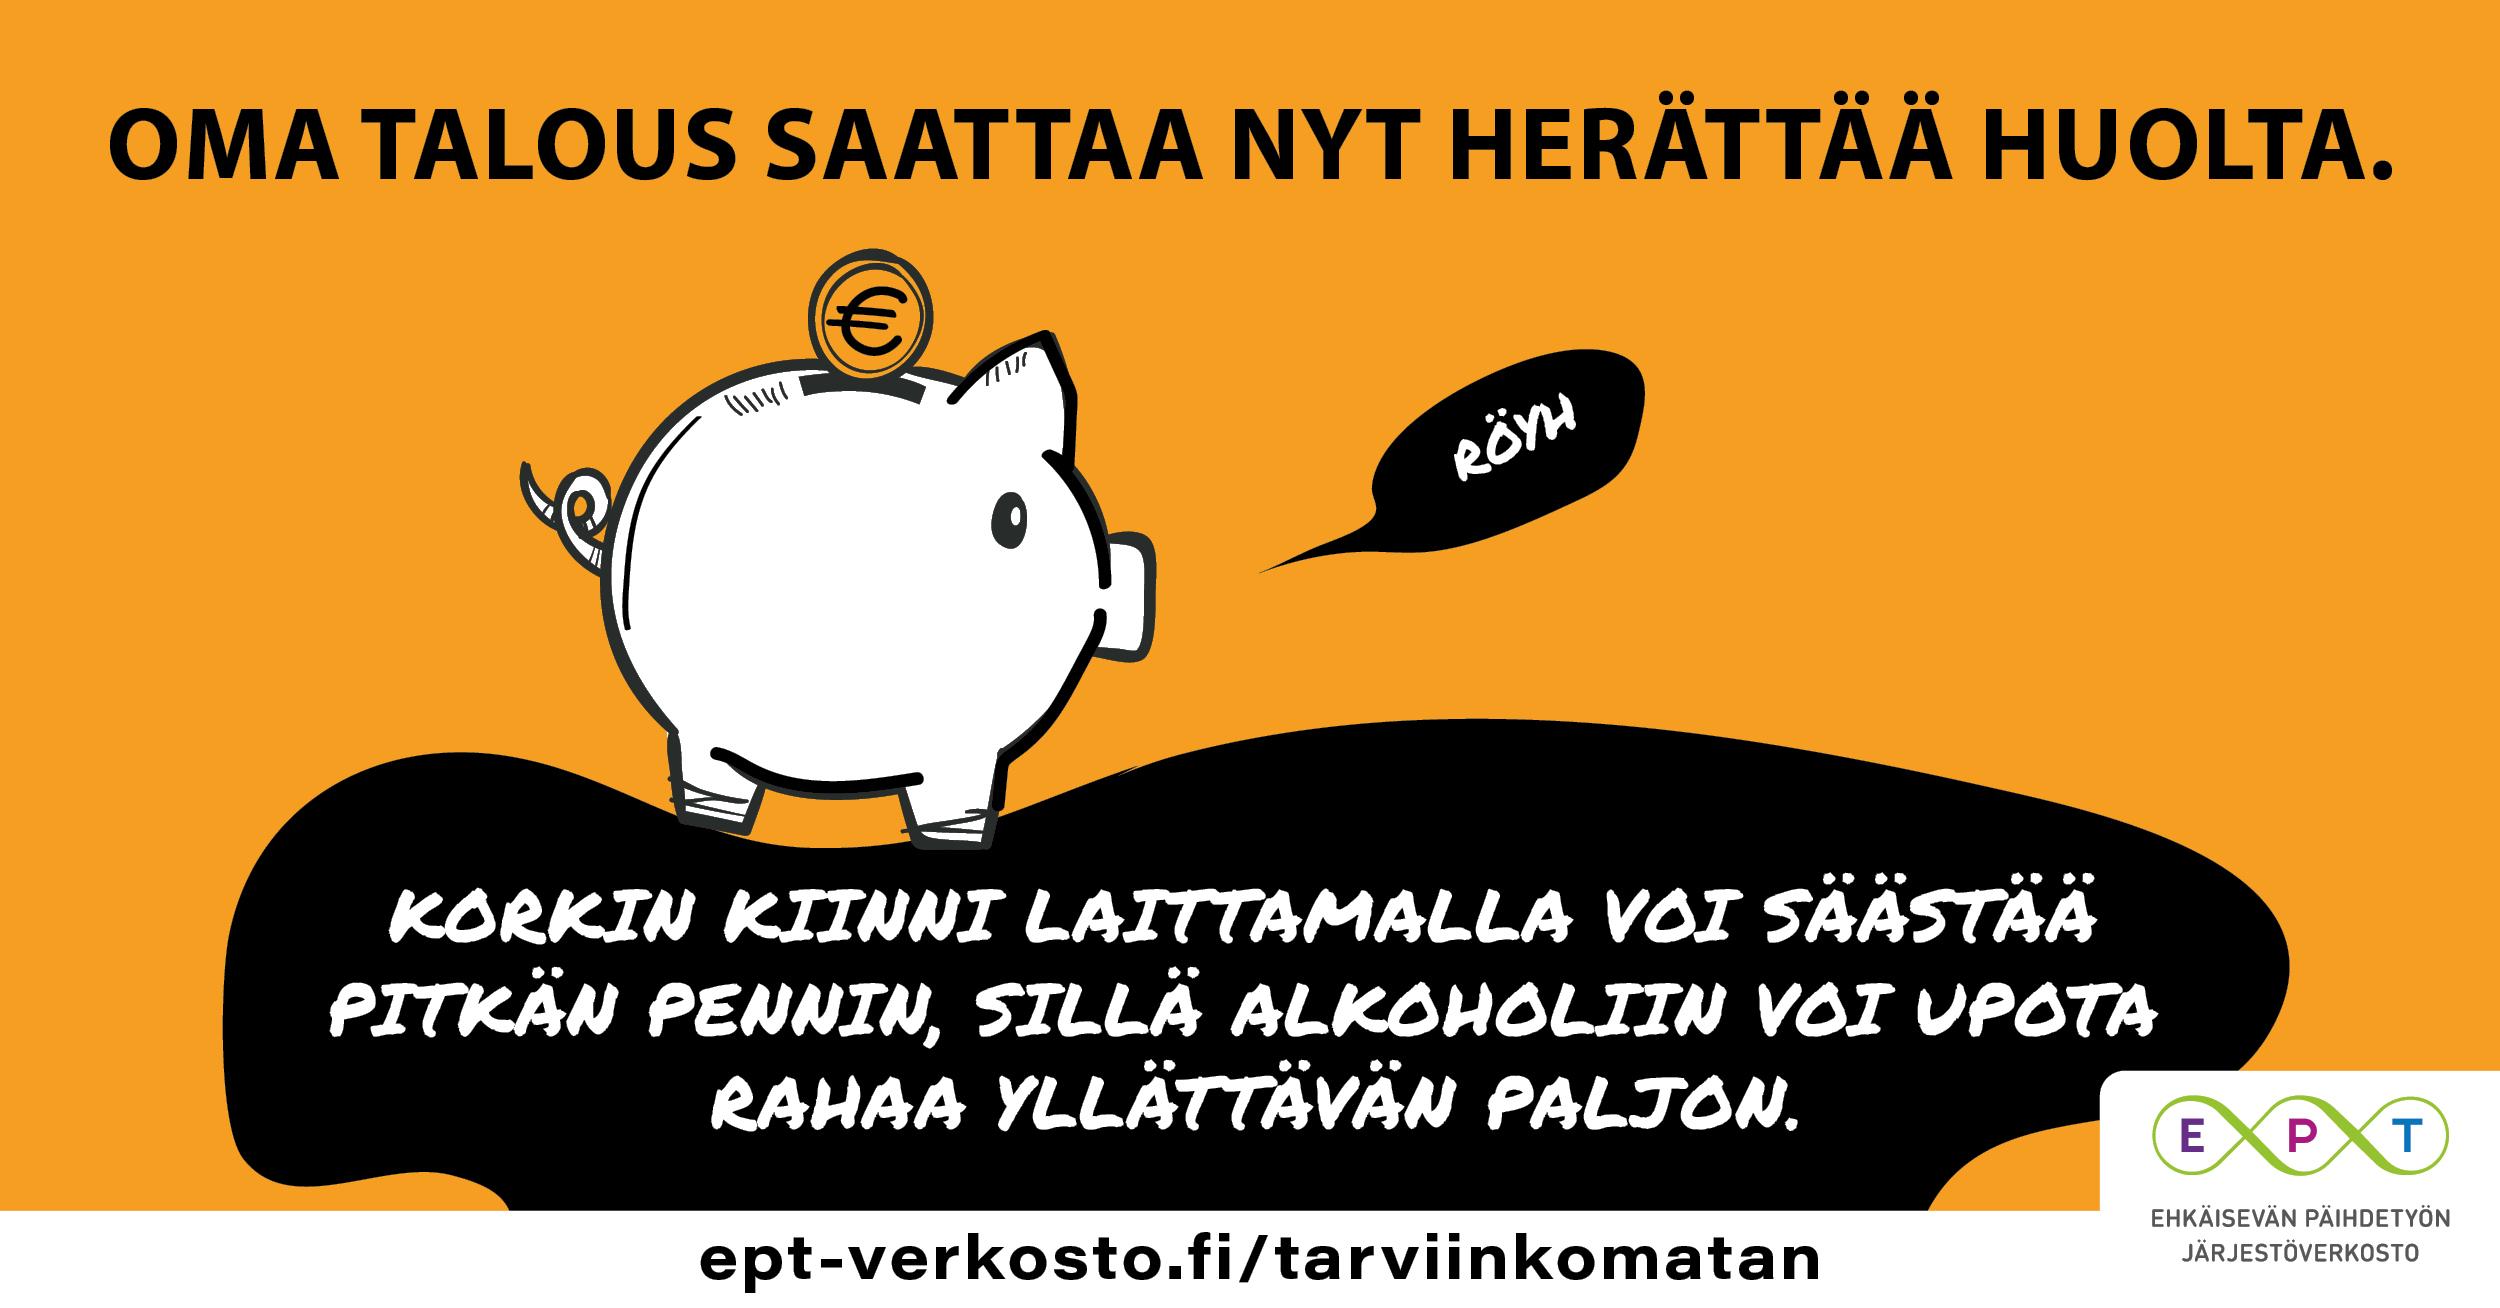 Kuvassa säästöpossu ja teksti: Oma talous saattaa nyt herättää huolta. Korkin kiinni laittamalla voi säästää pitkän pennin, sillä alkoholiin voi upota rahaa yllättävän paljon. ept-verkosto.fi/tarviinkomatan